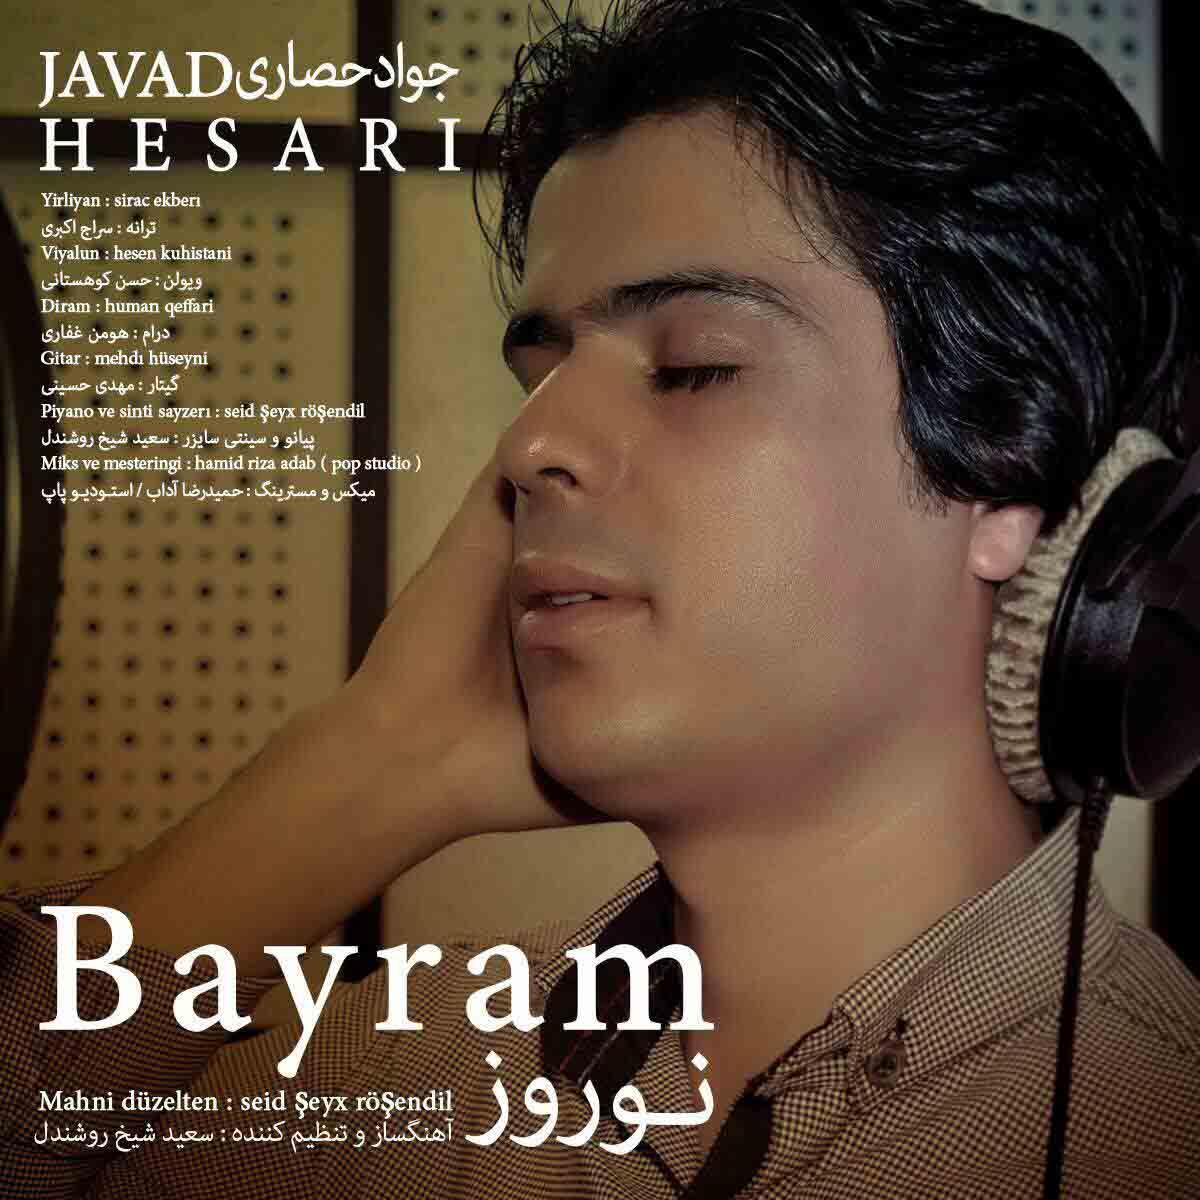 آهنگ جدید و بسیارزیبا از  جوادحصاری به نام بایرام